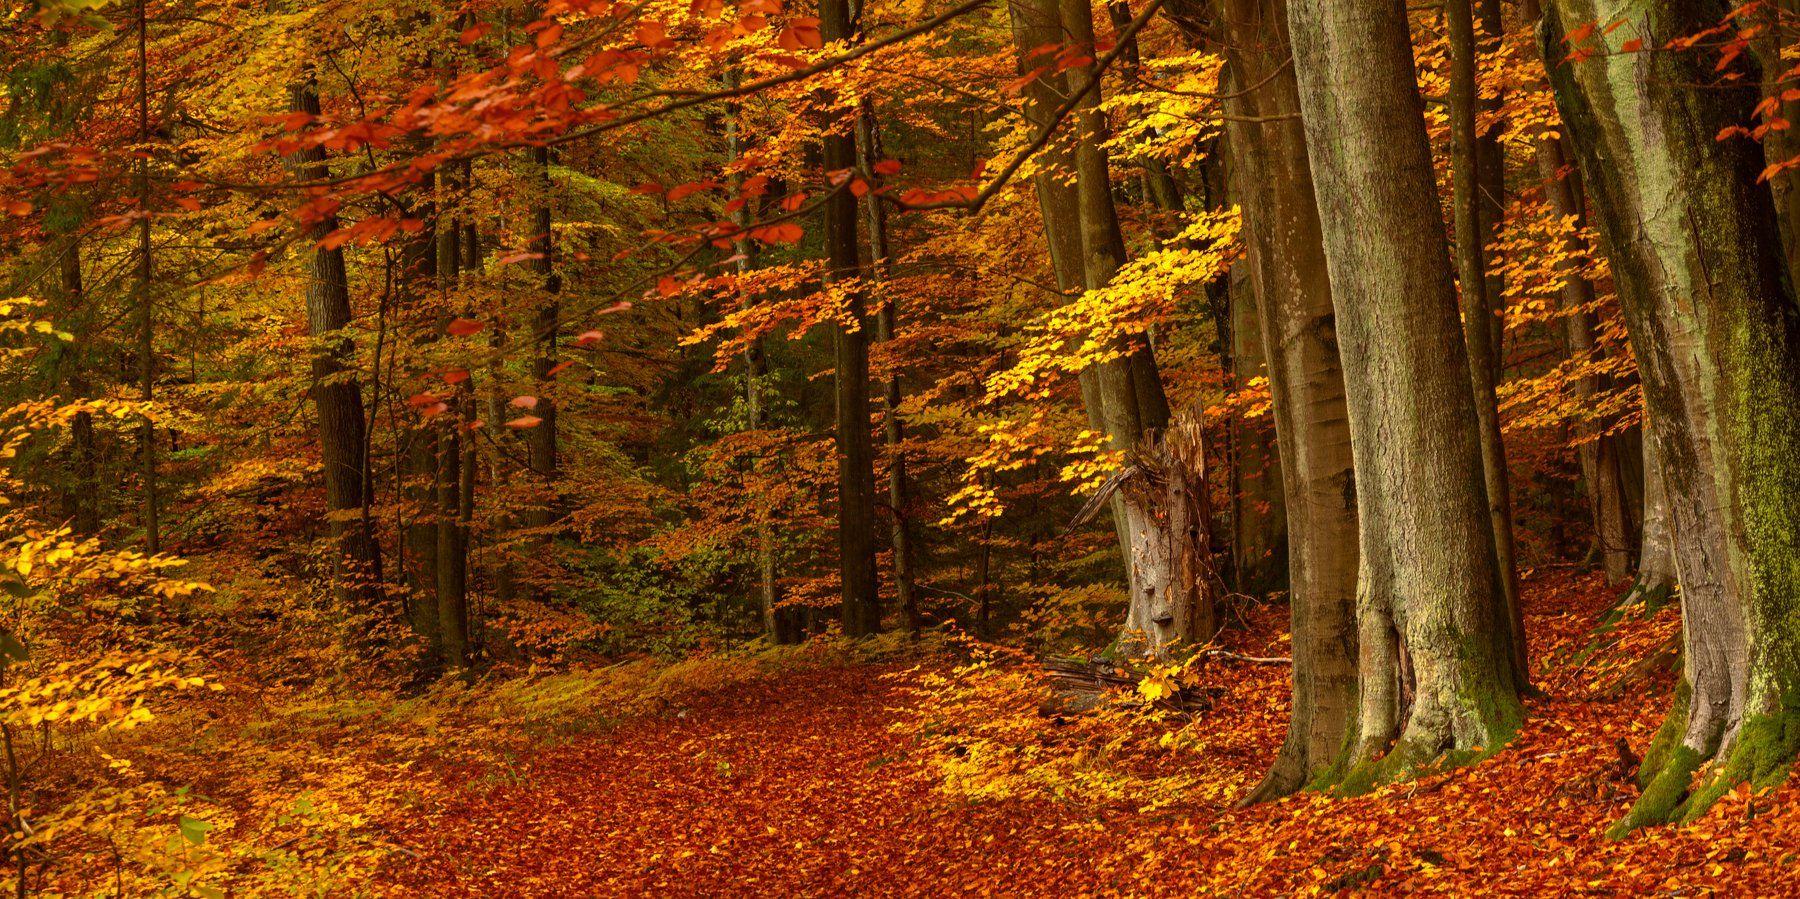 осень лес бук тропа, Кулинич Артём